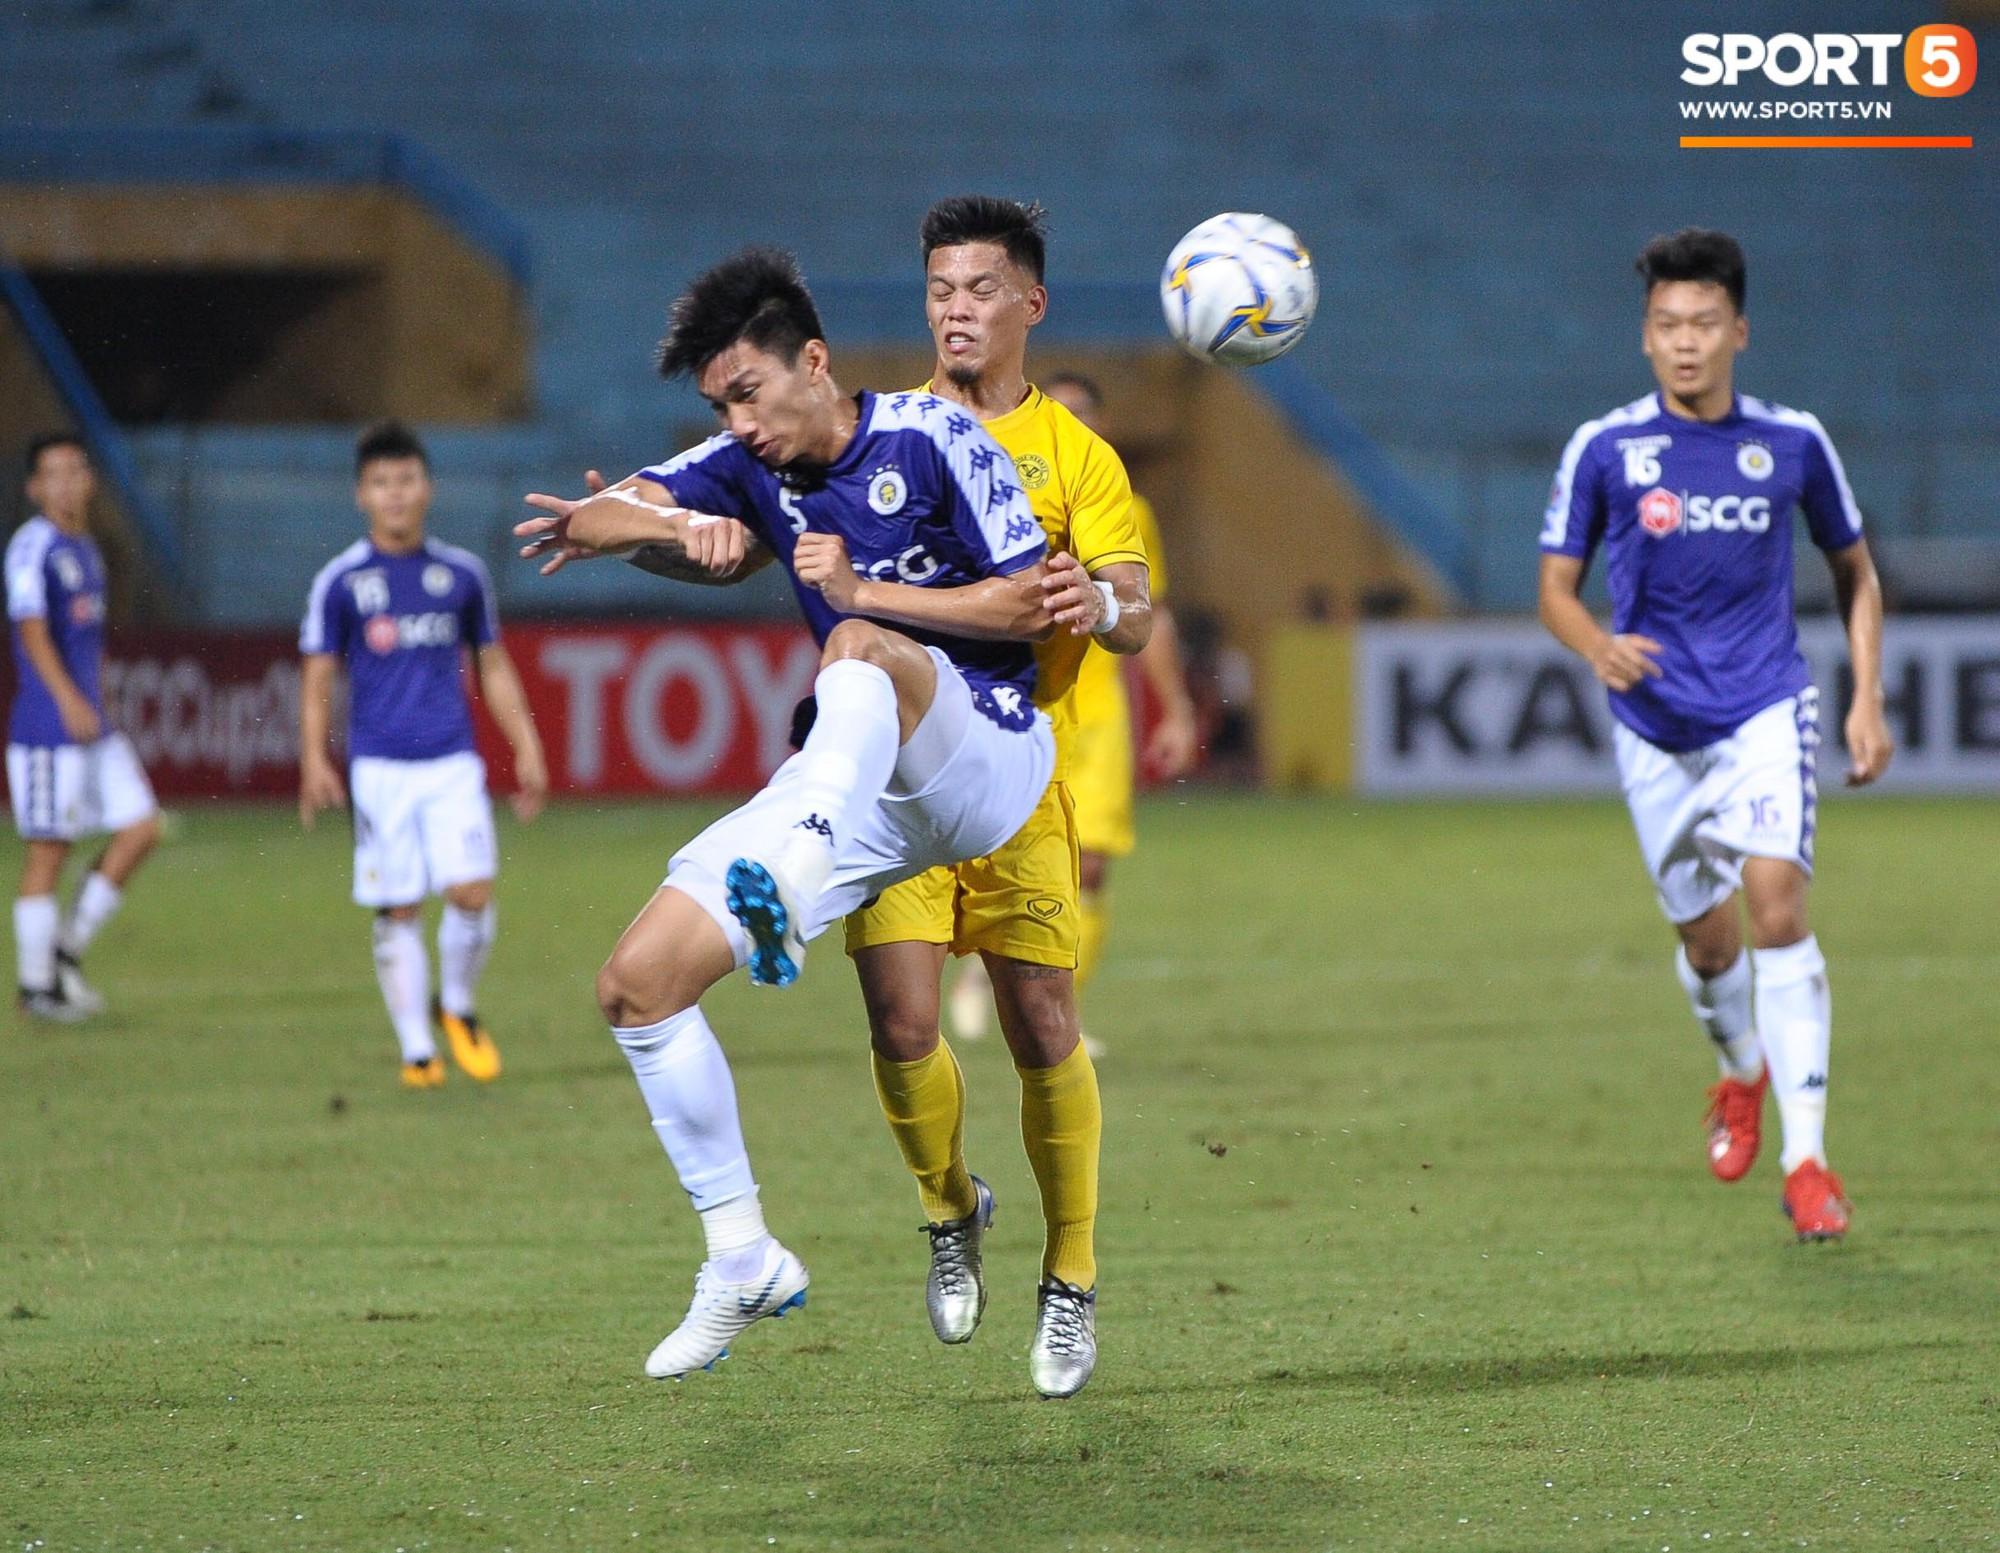 Trước tin đồn đến châu Âu thi đấu, Đoàn Văn Hậu vẫn nỗ lực hết mình vì Hà Nội FC-3